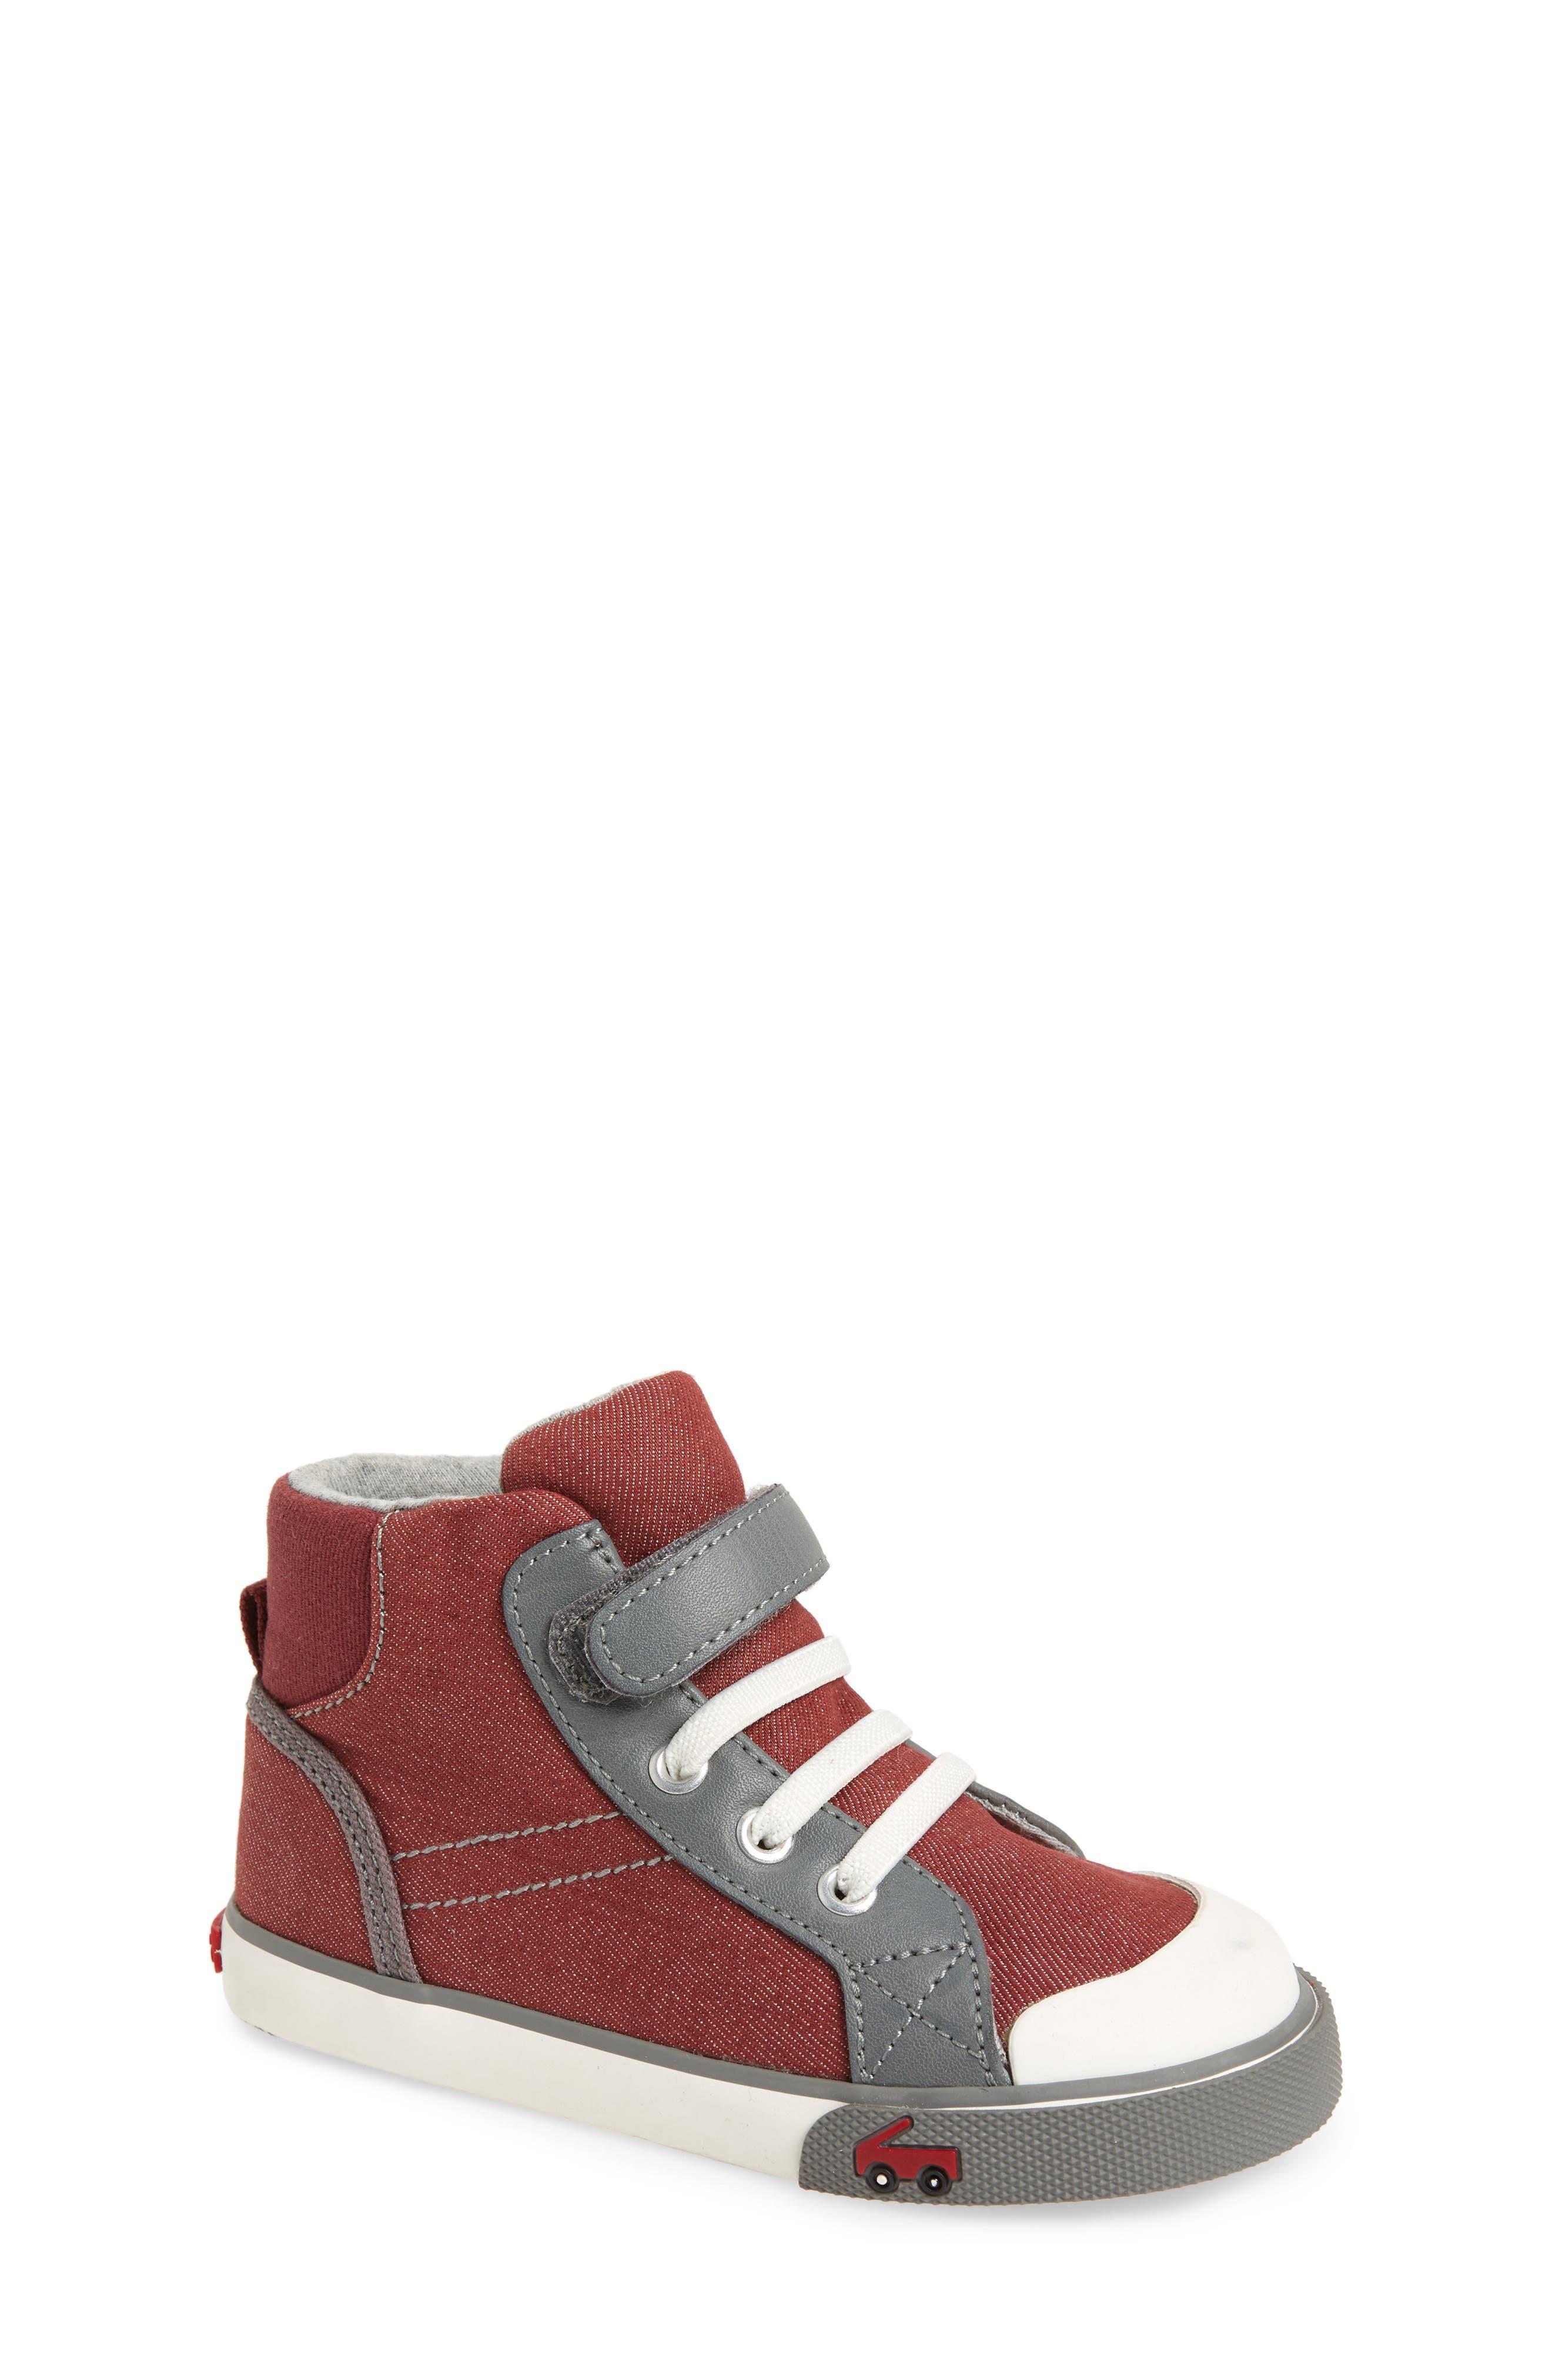 'Dane' Sneaker,                             Main thumbnail 1, color,                             Burgundy Denim